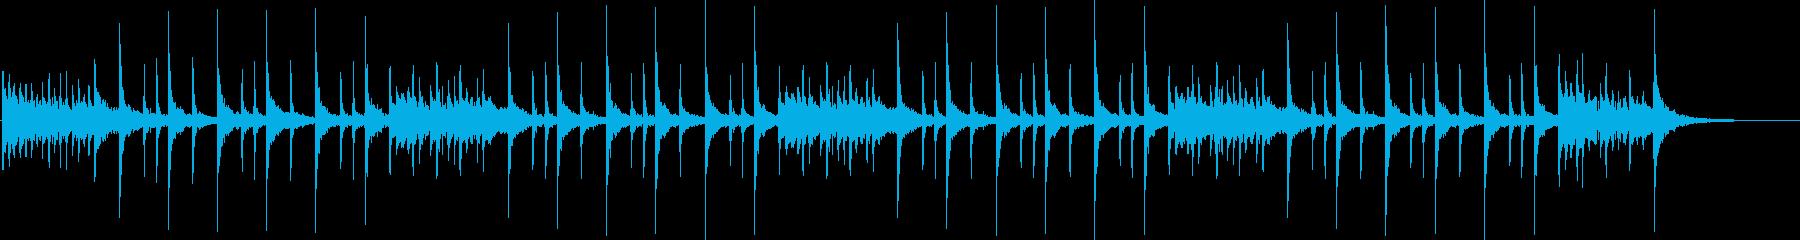 ドラム:ロックリズムの再生済みの波形